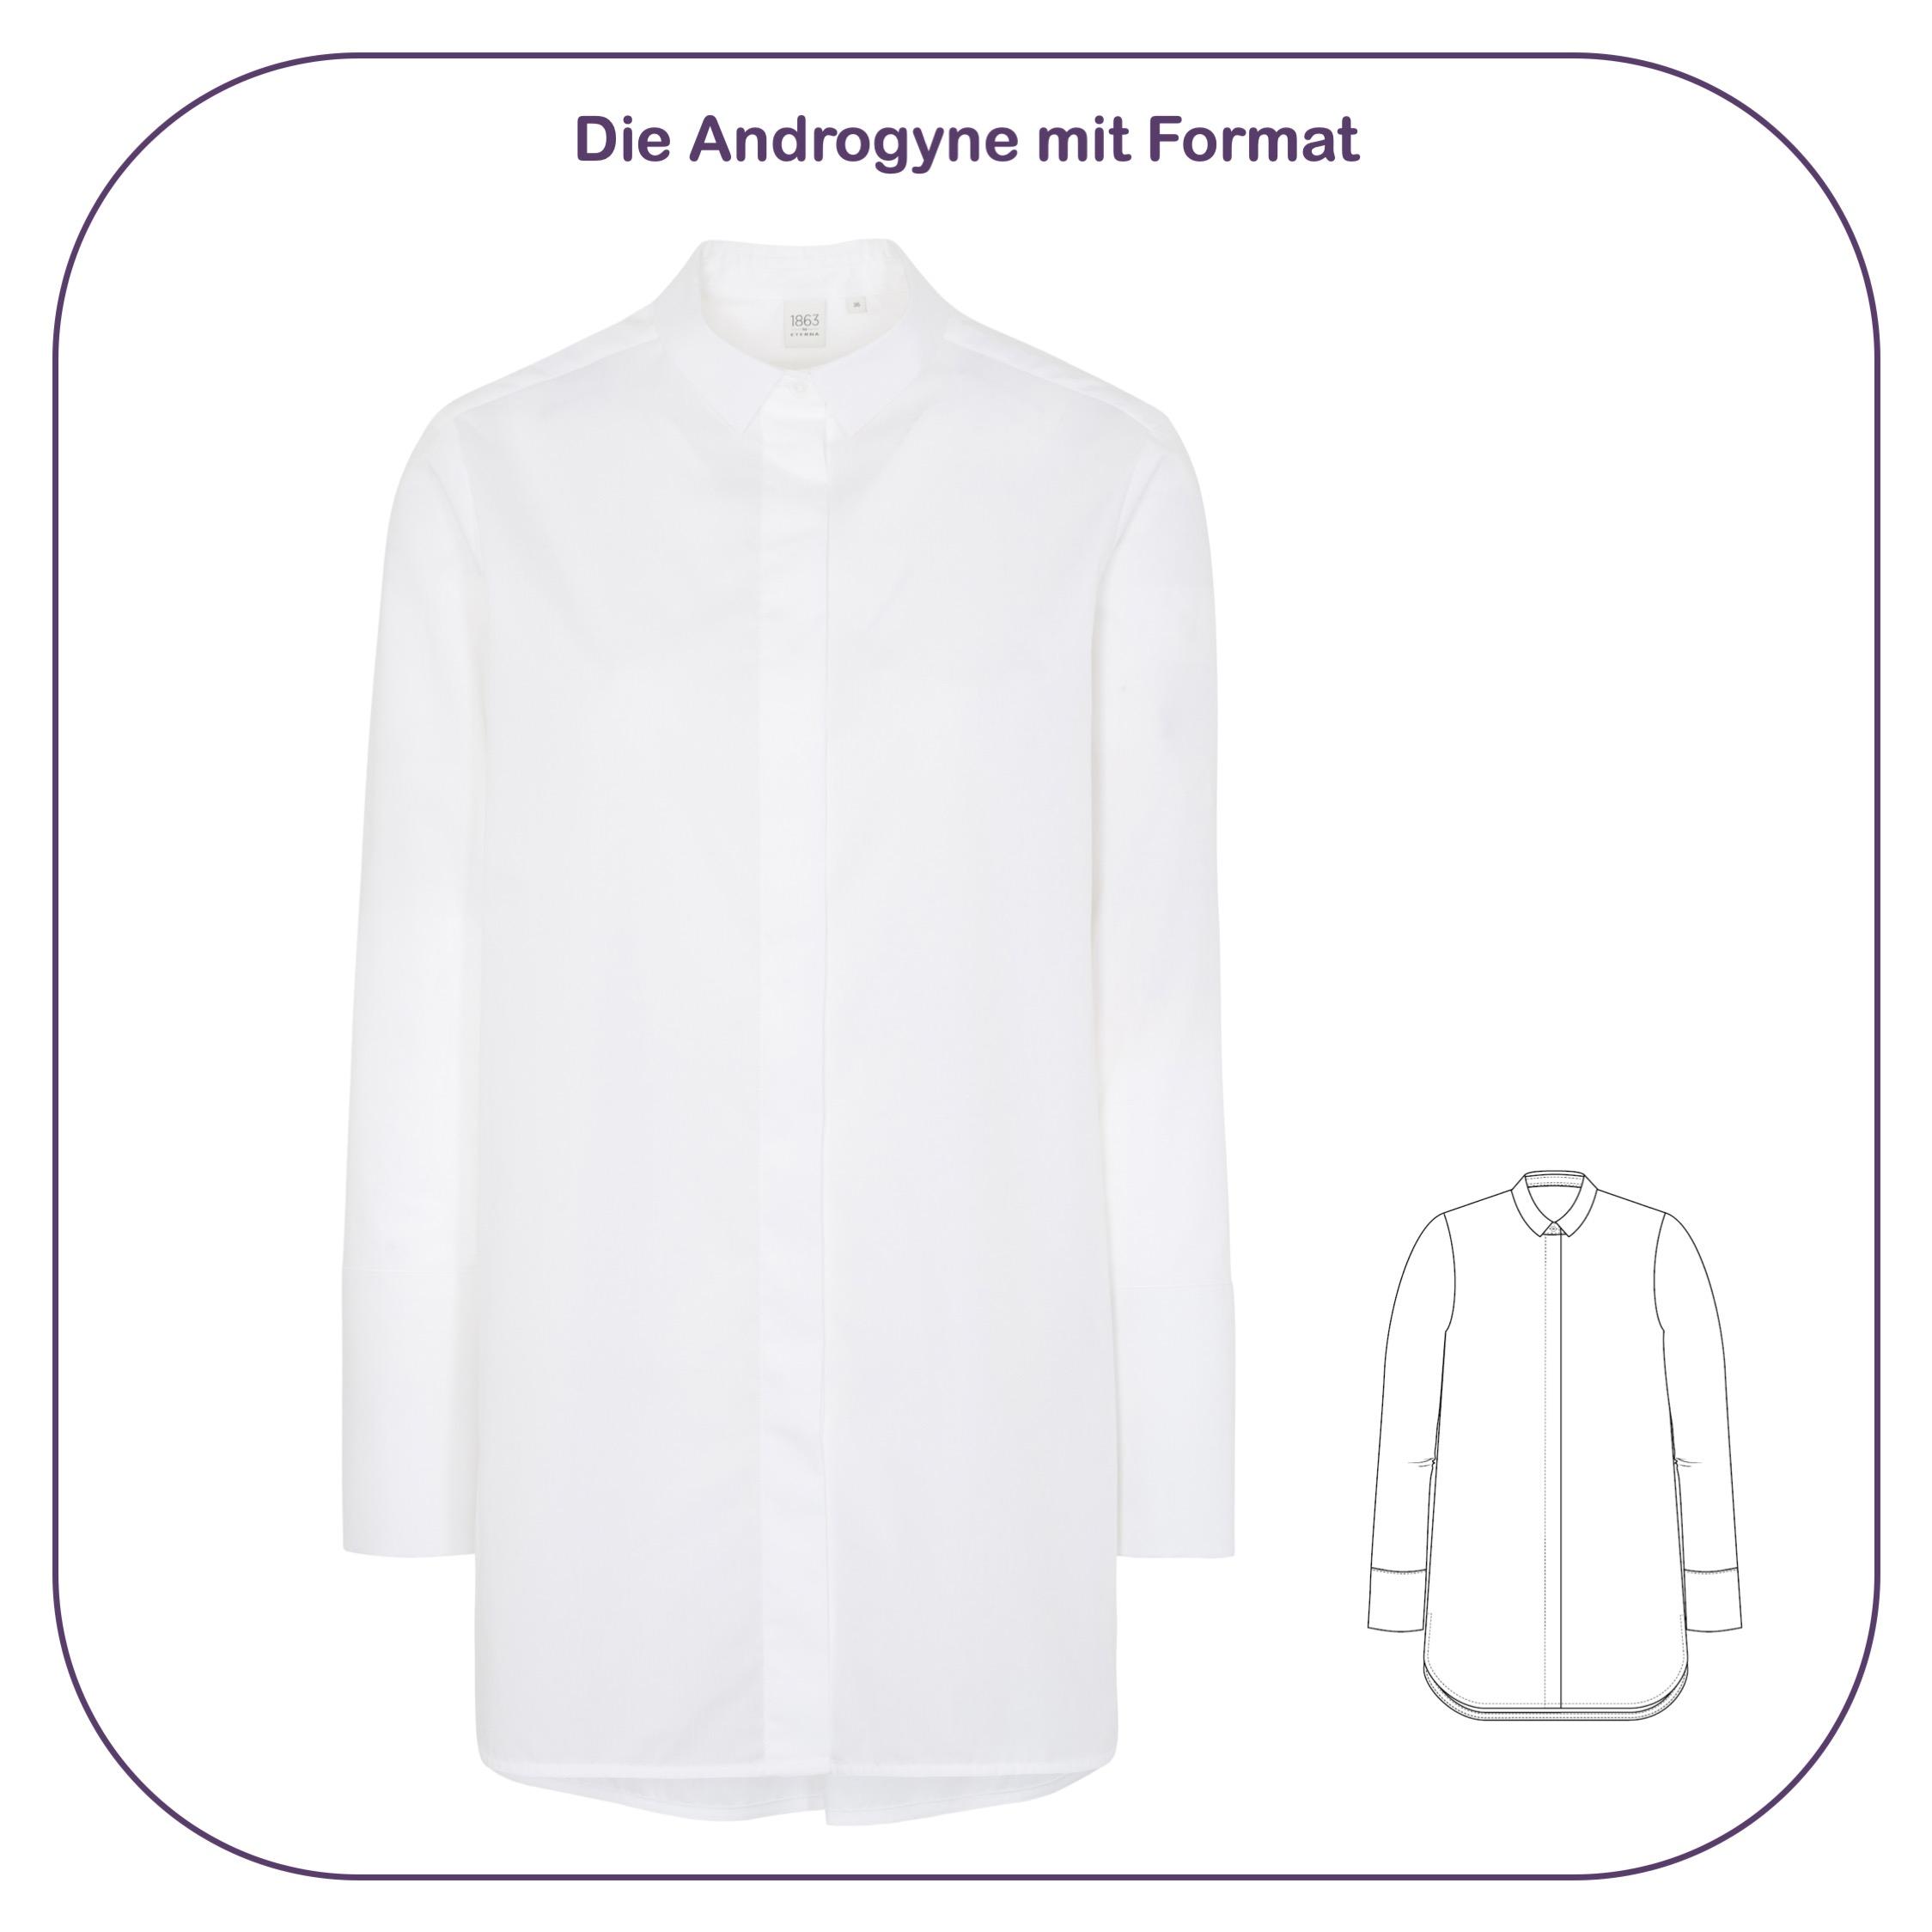 Hemdbluse in Oversize mit breiten Manschetten im androgynen Stil